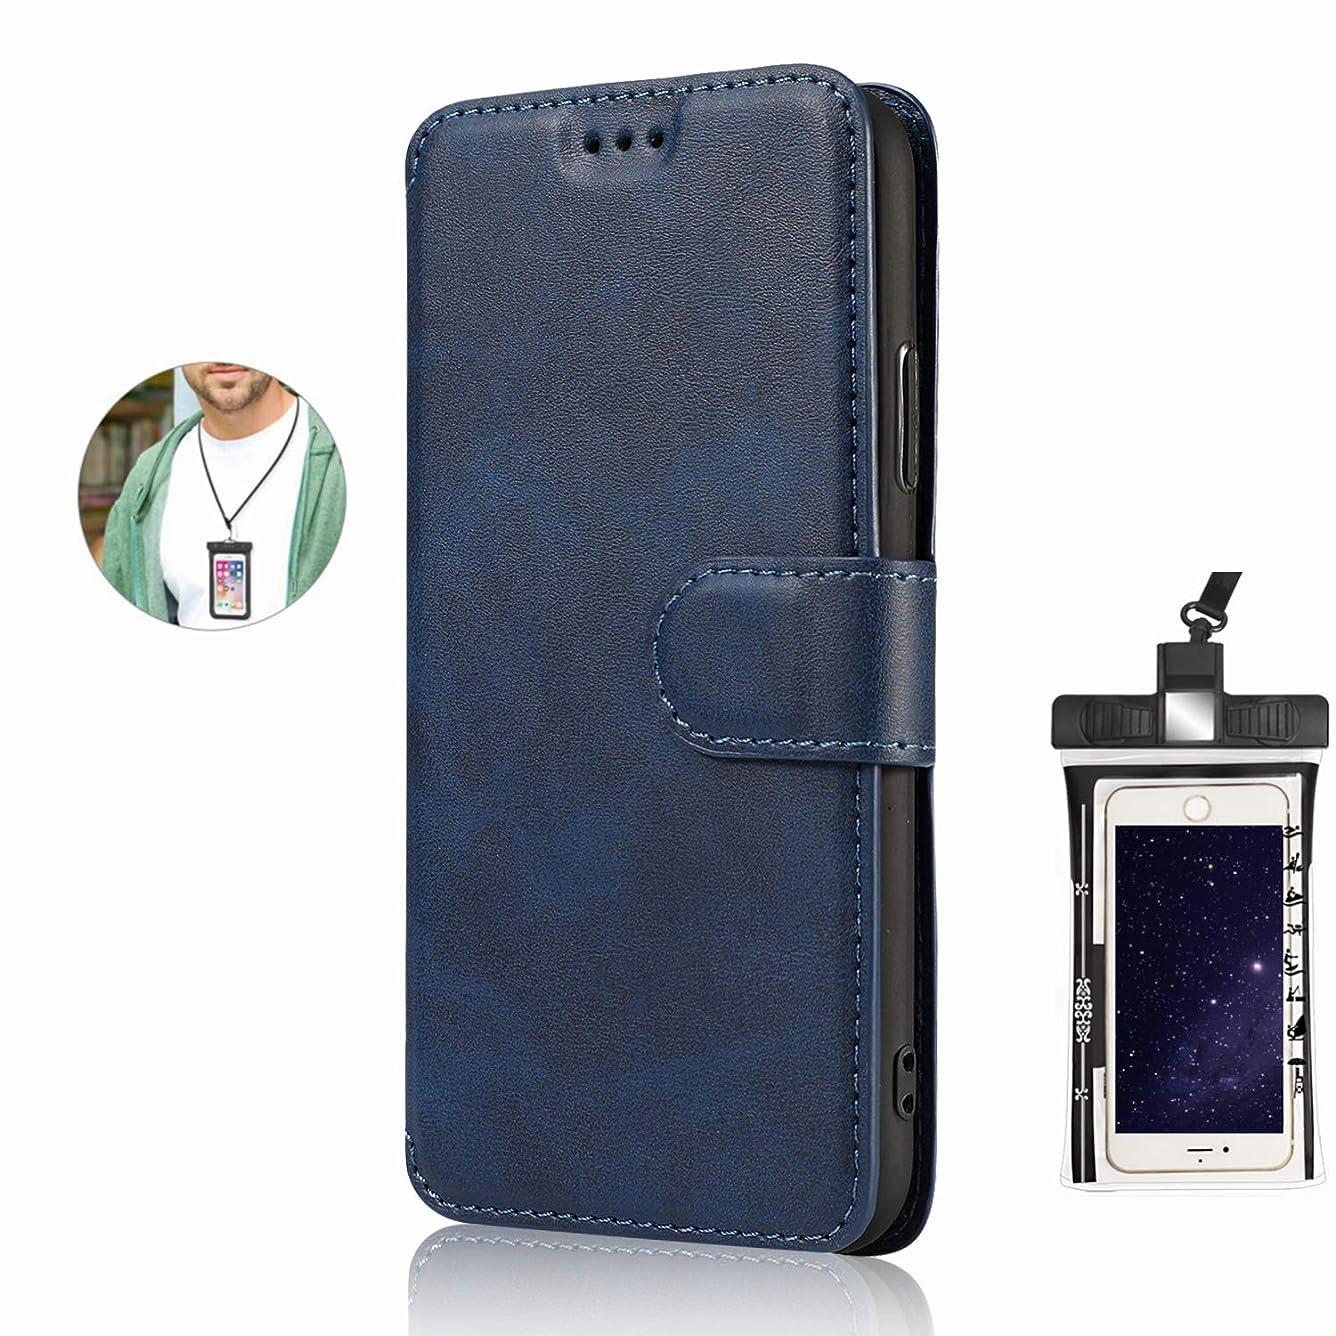 理解エンディング今晩手帳型 iPhone 11 ケース アイフォン 手帳型 本革 レザーケース 財布型 カード収納 マグネット式 保護ケース 軽量 スマホケース スマートフォンケース アイフォン [無料付防水ポーチ水泳など適用]